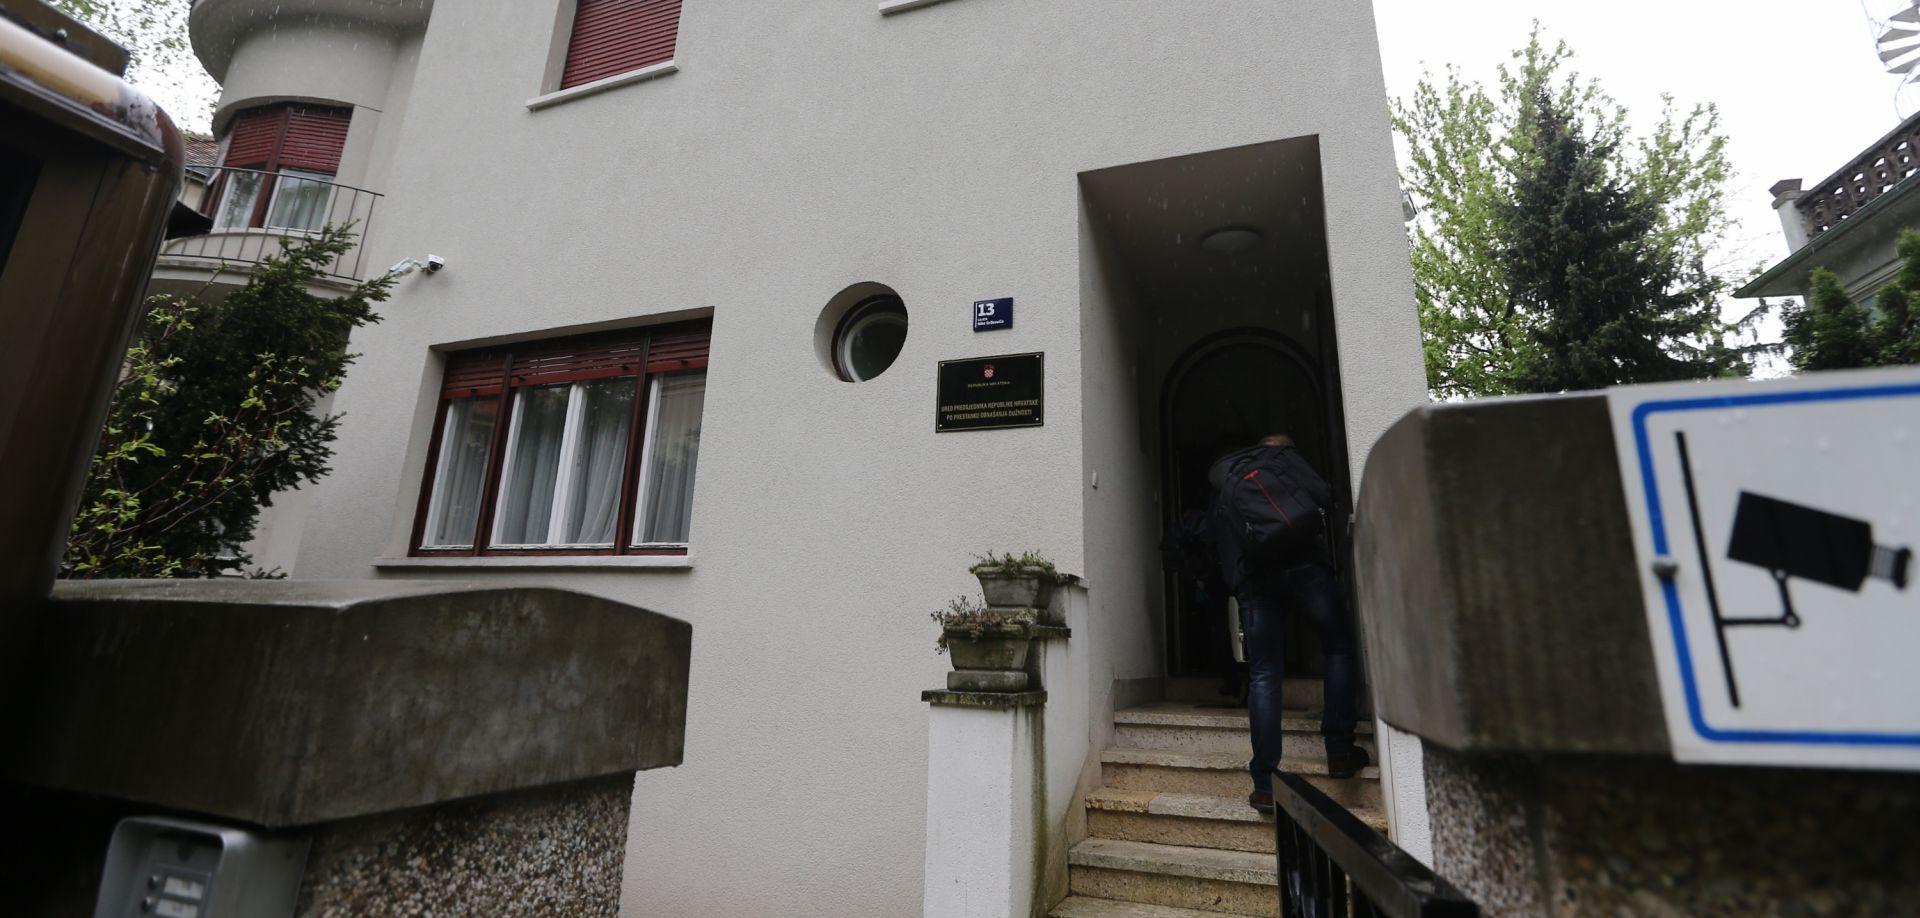 'DELOŽIRAN' STJEPAN MESIĆ Ministarstvo državne imovine preuzelo zgradu u Grškovićevoj